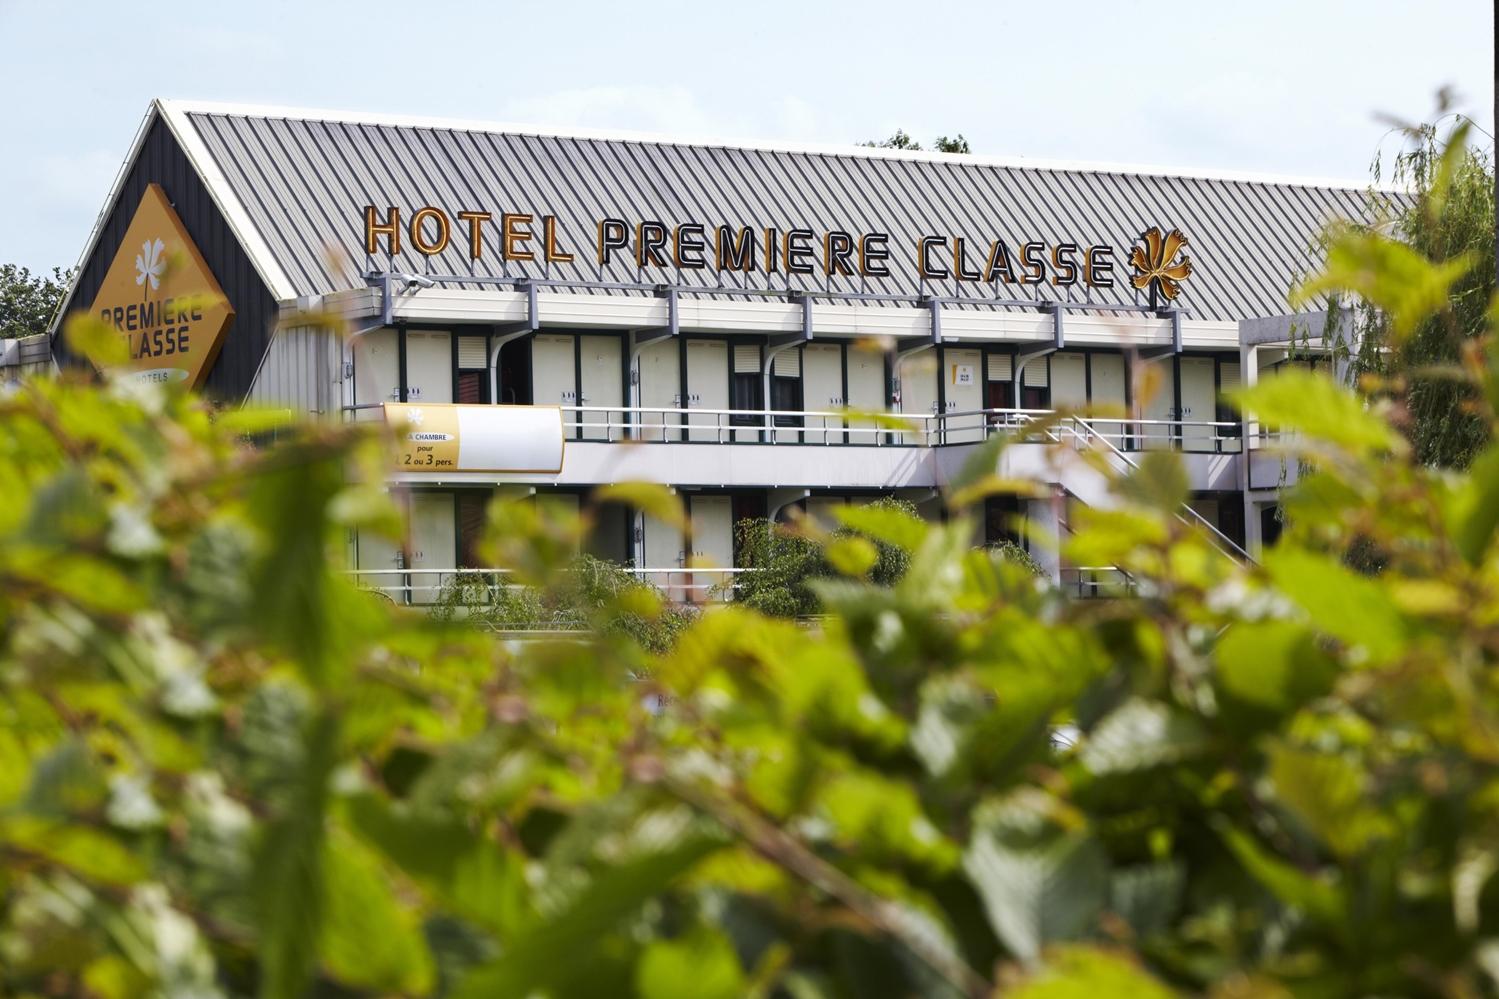 PREMIERE CLASSE CREIL - Villers Saint Paul